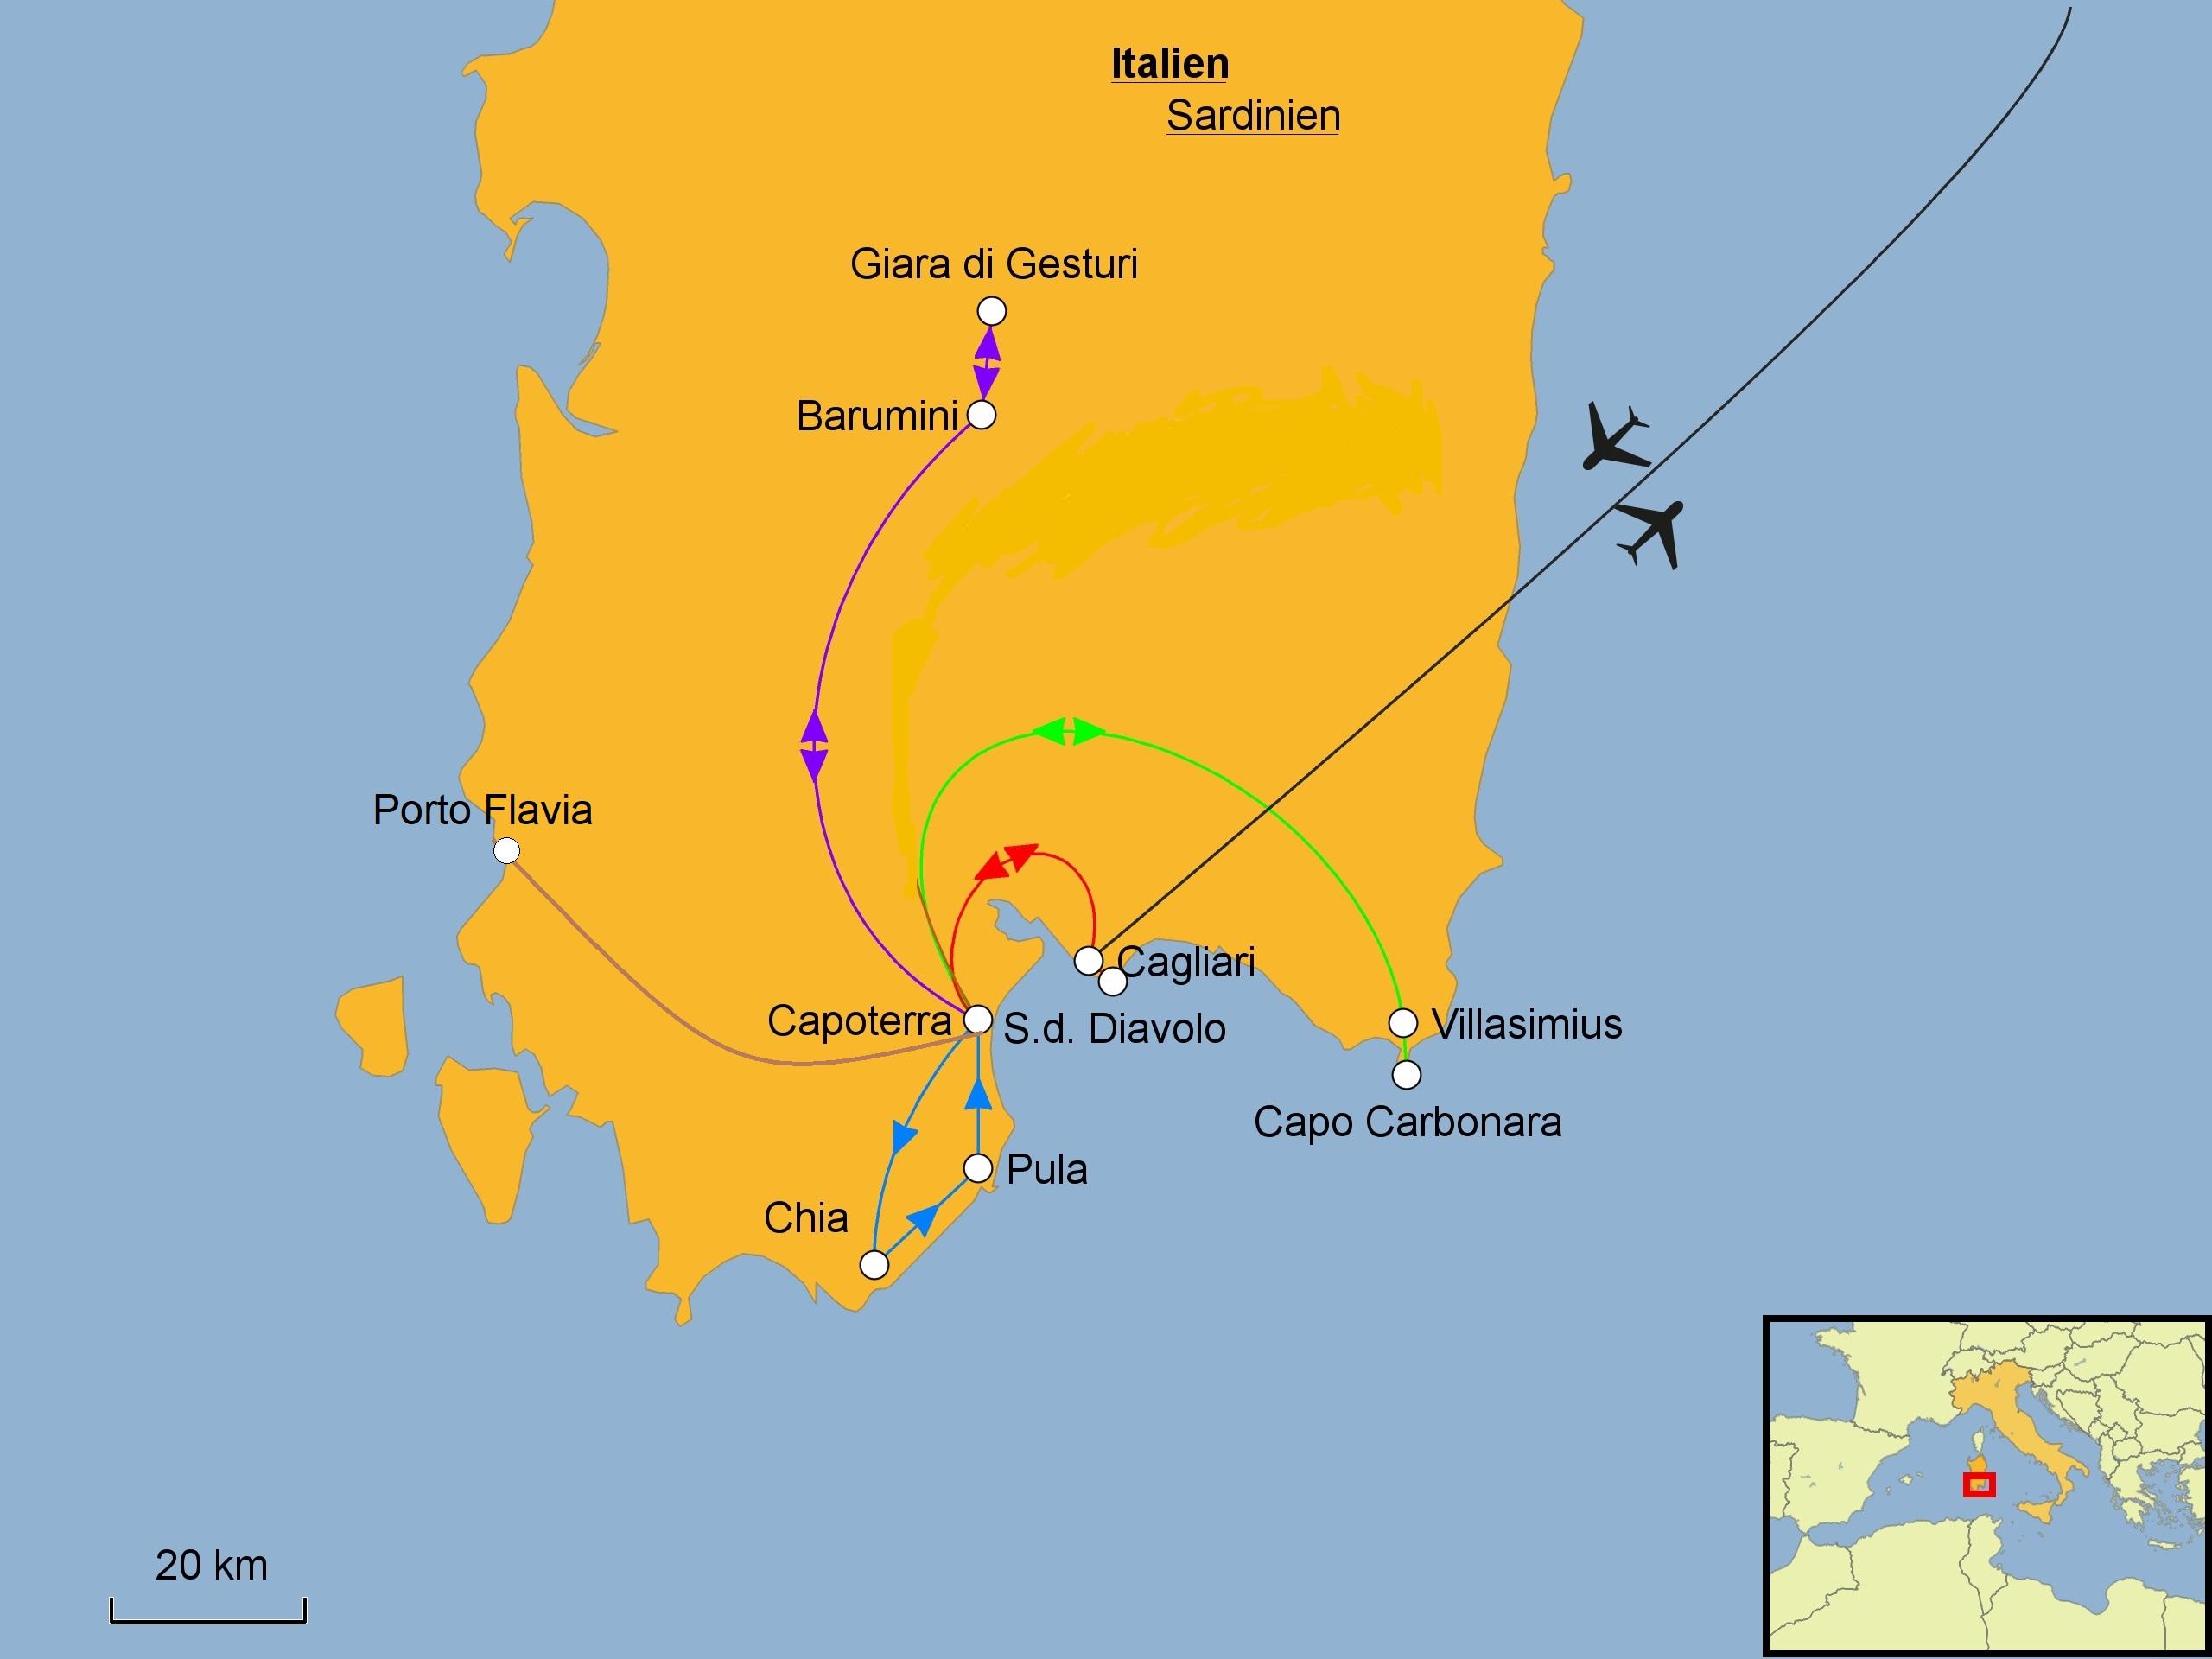 Sardiniens Suden Wandern Srd Reisen